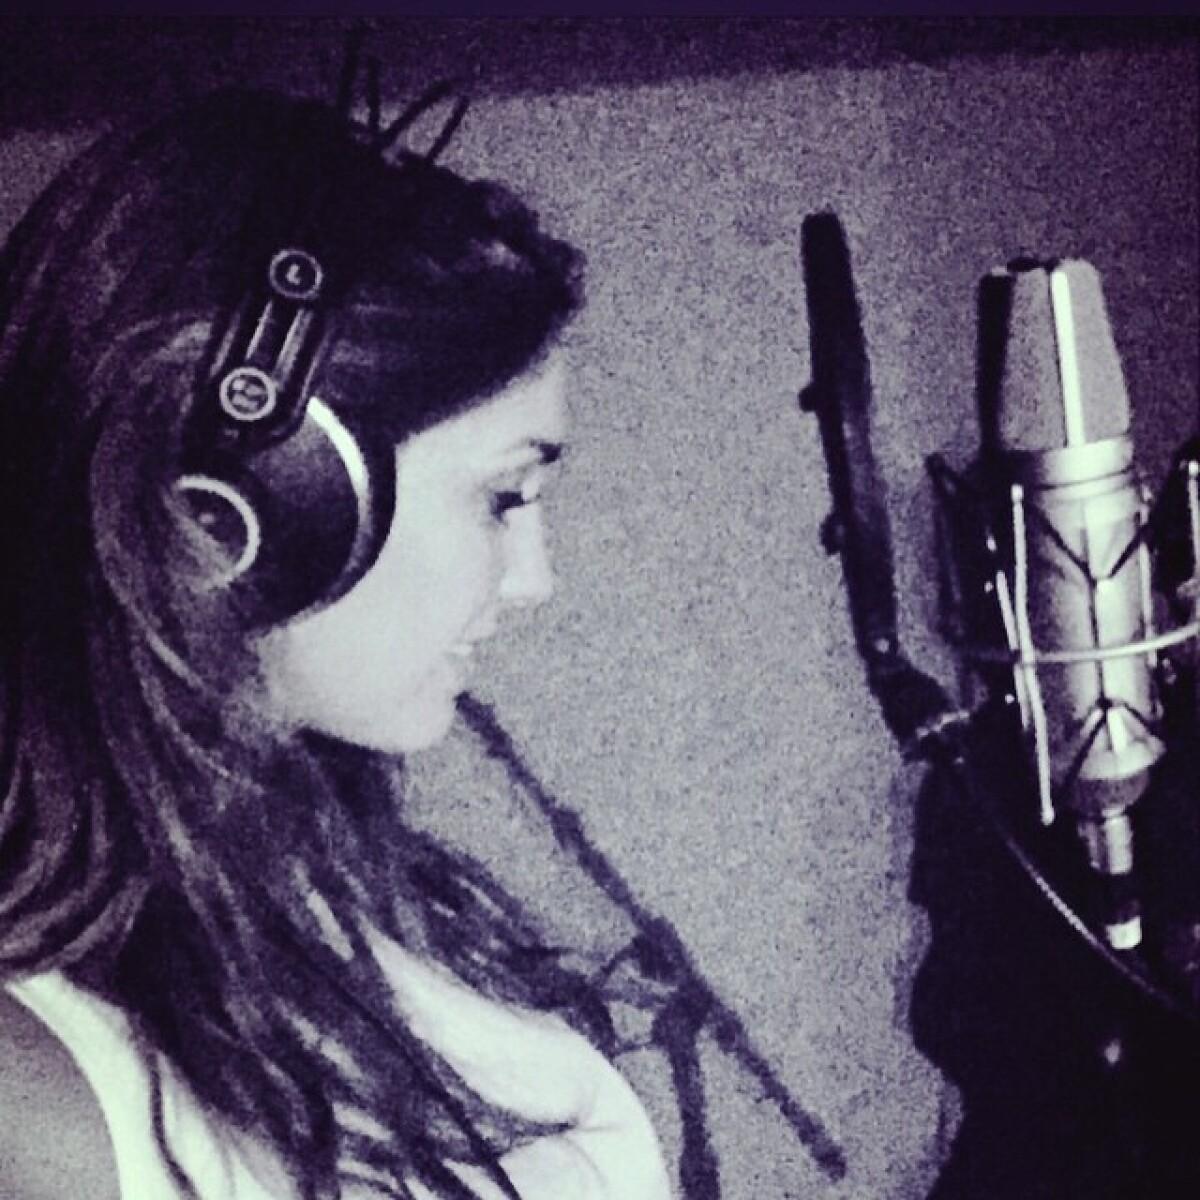 Anahí presume que vuelve al estudio de grabación